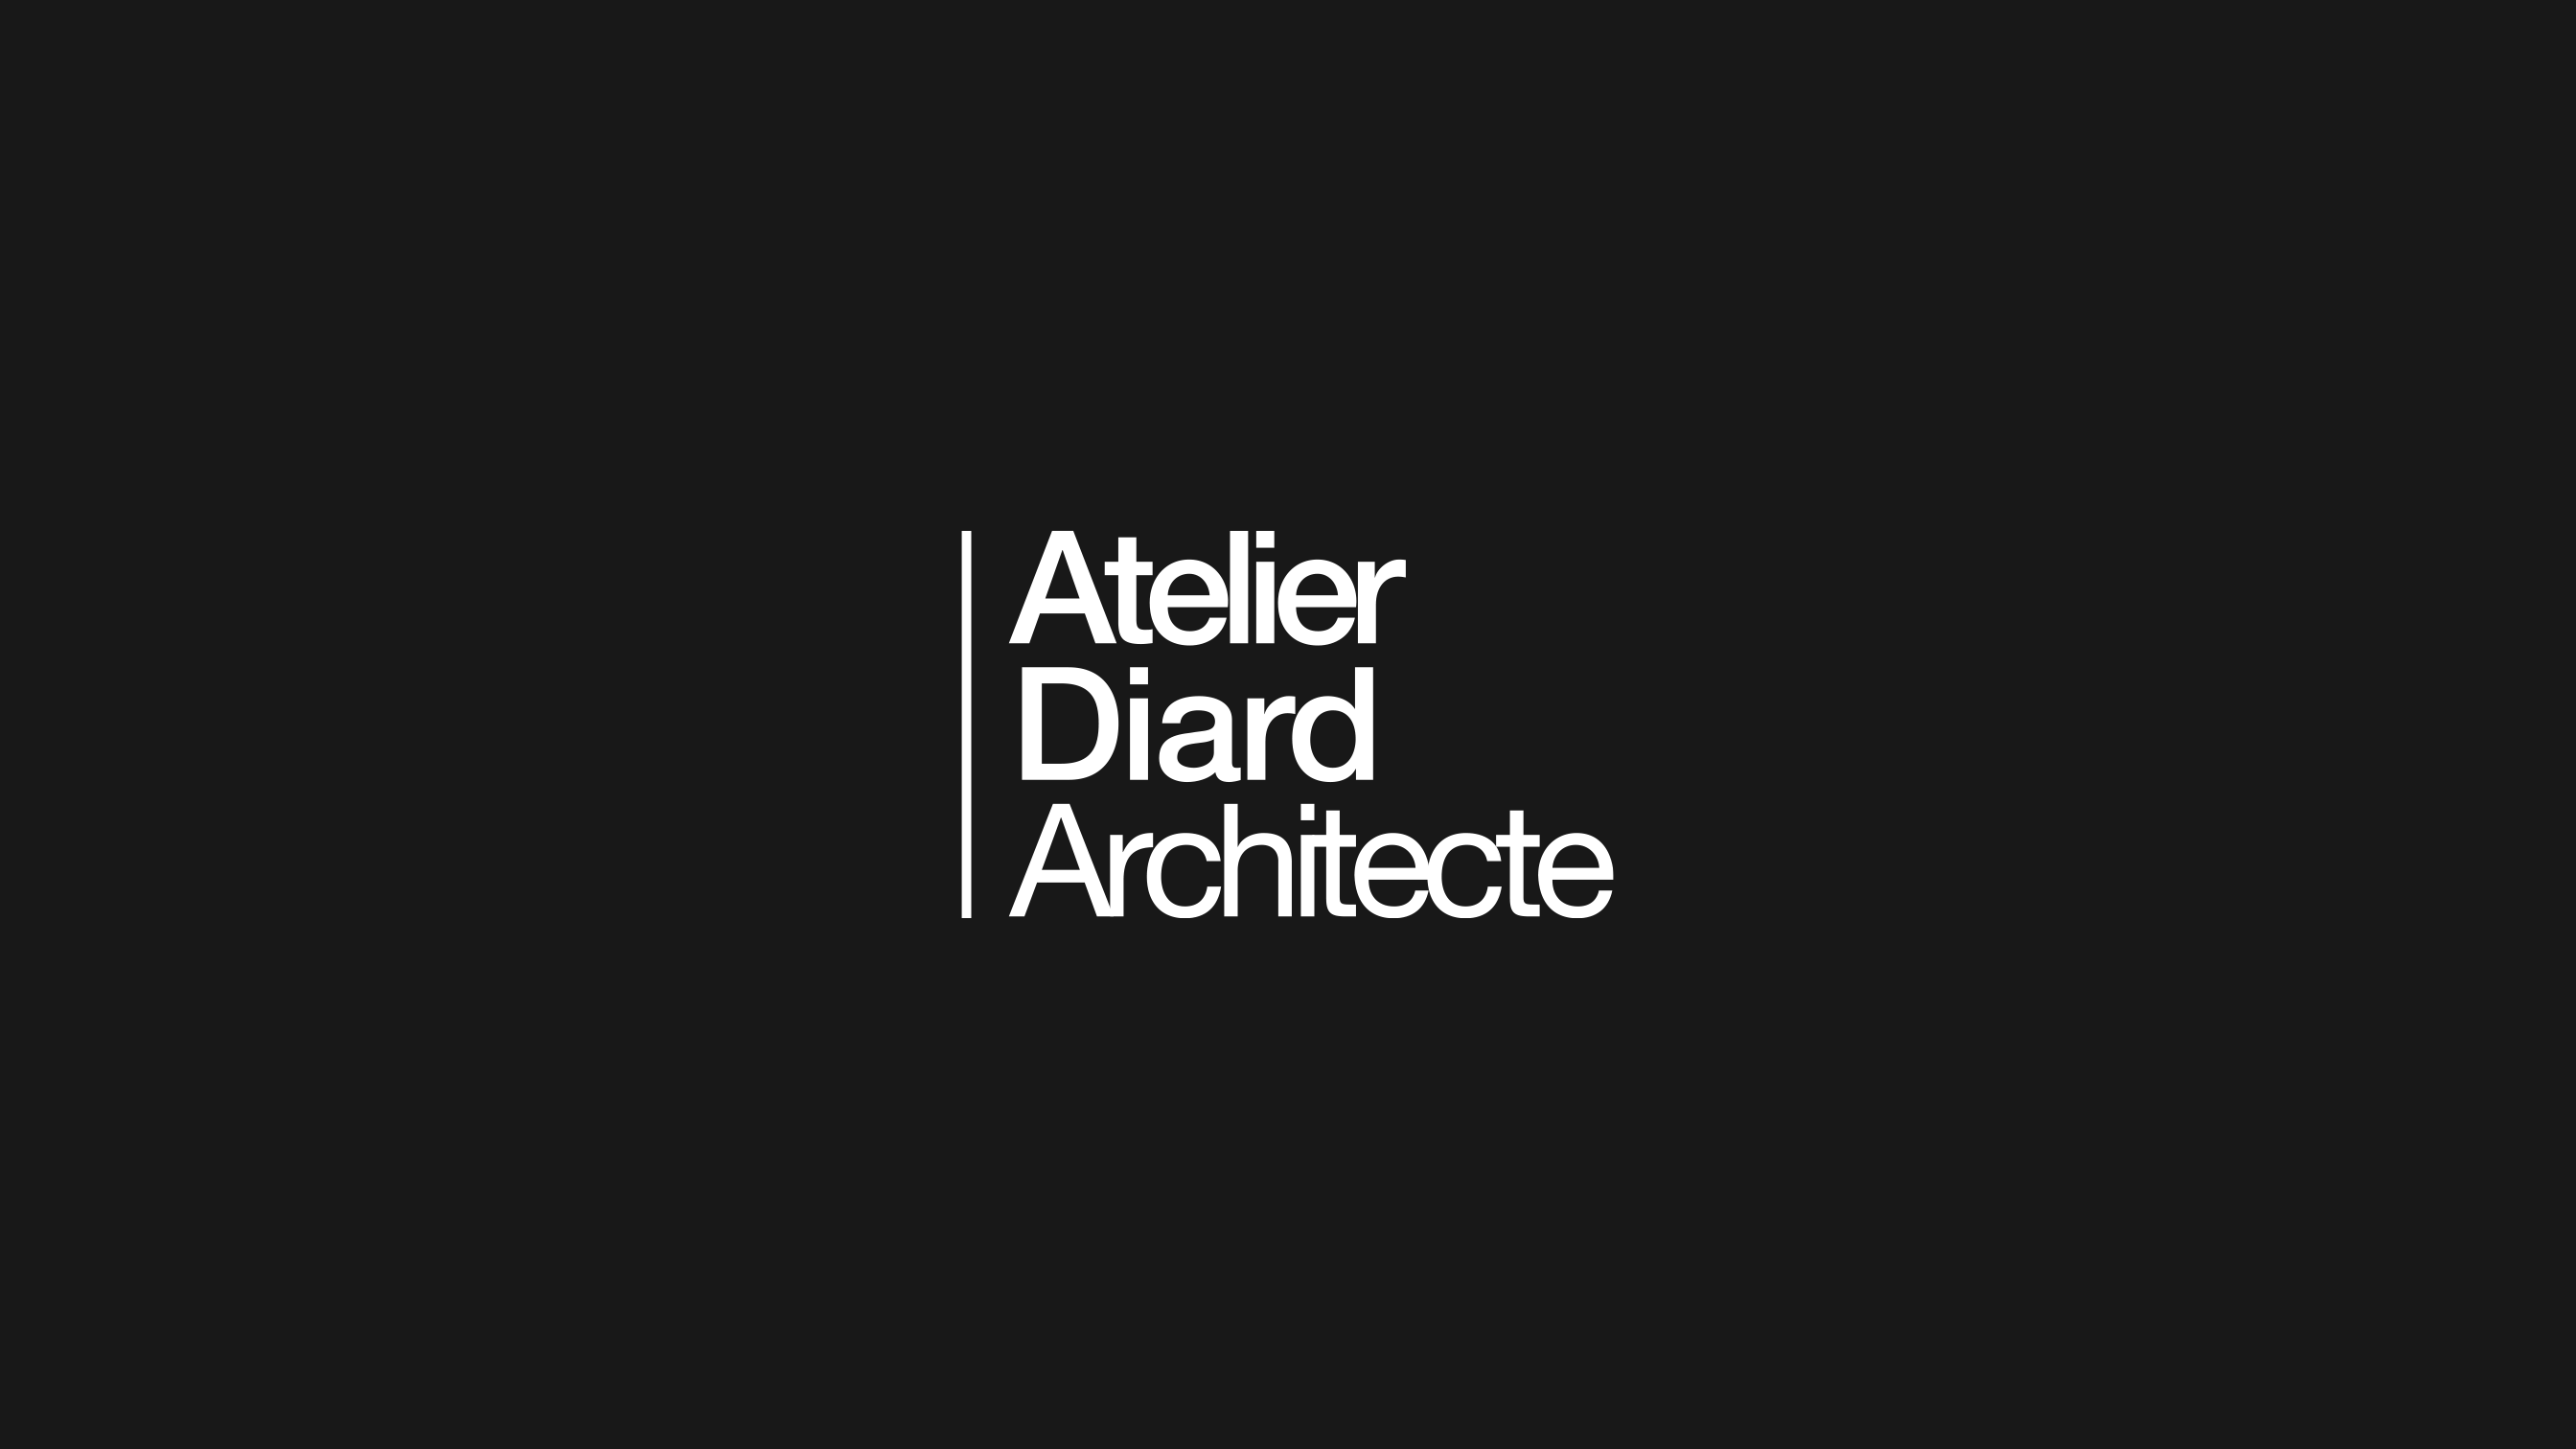 showcase-logotype-atelier-diard